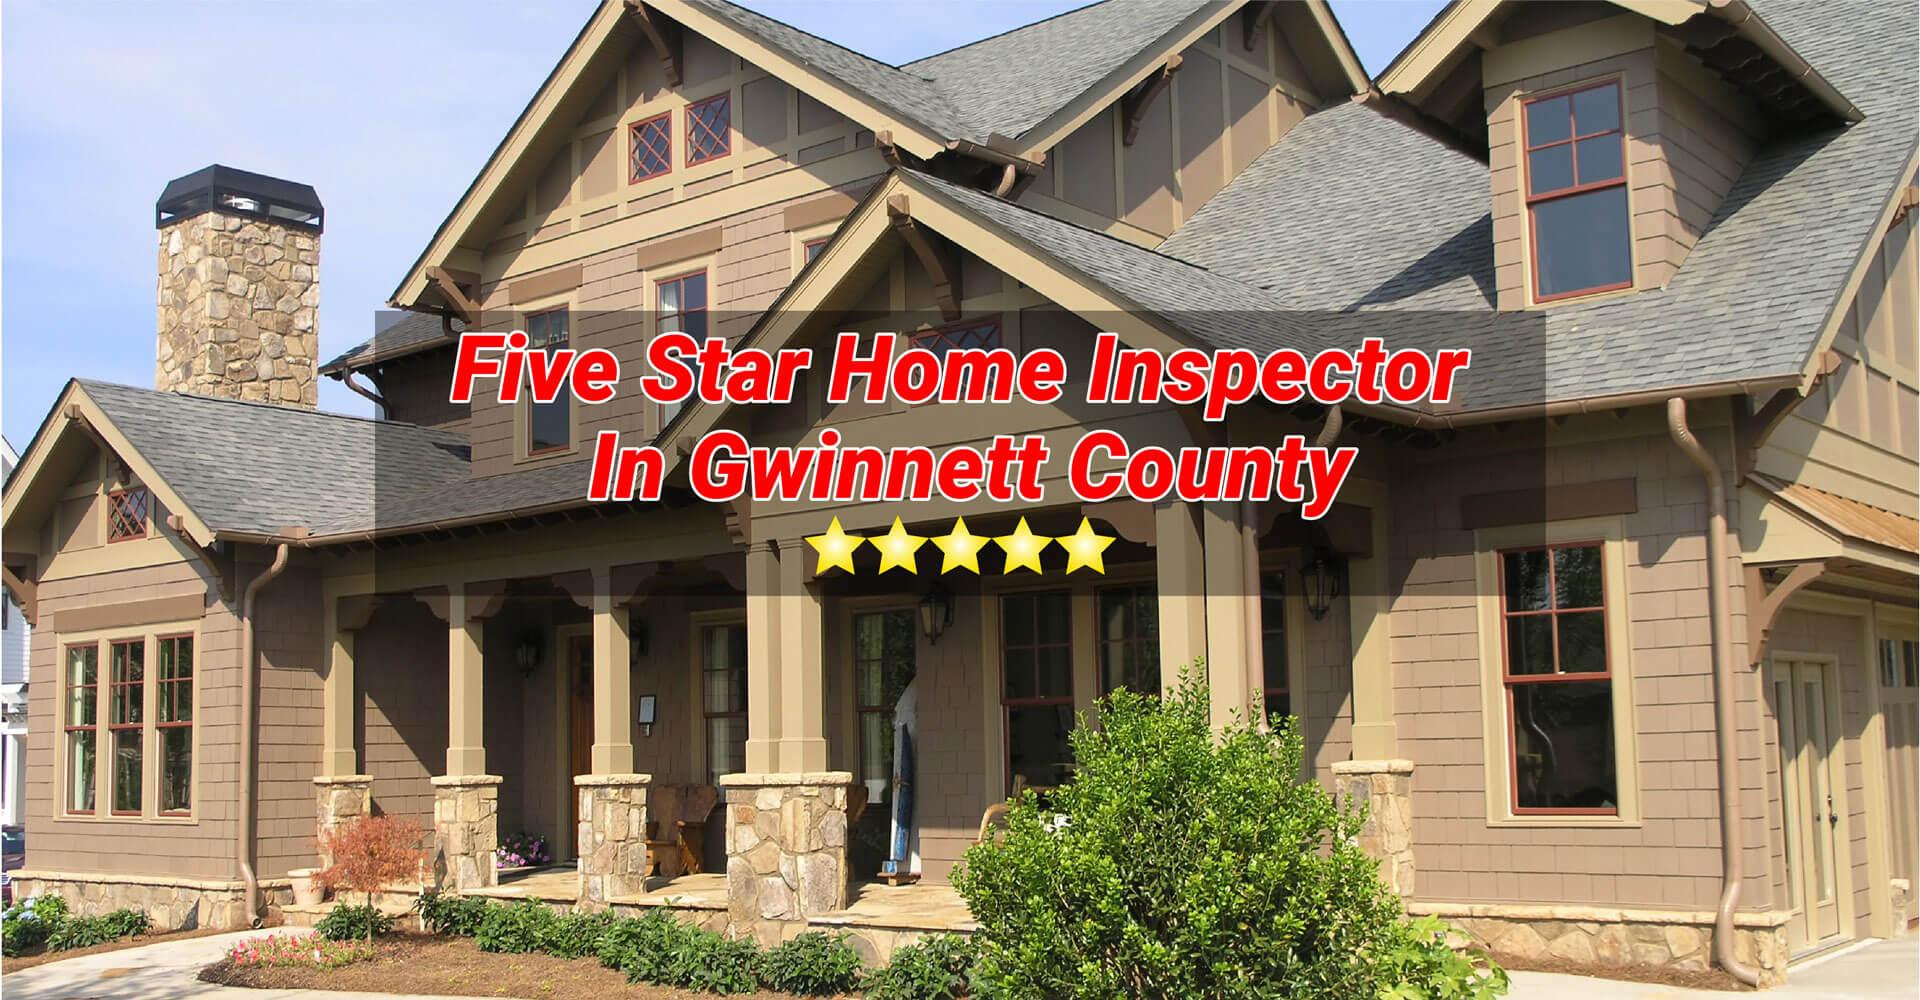 Family Shield Home Inspection Slider